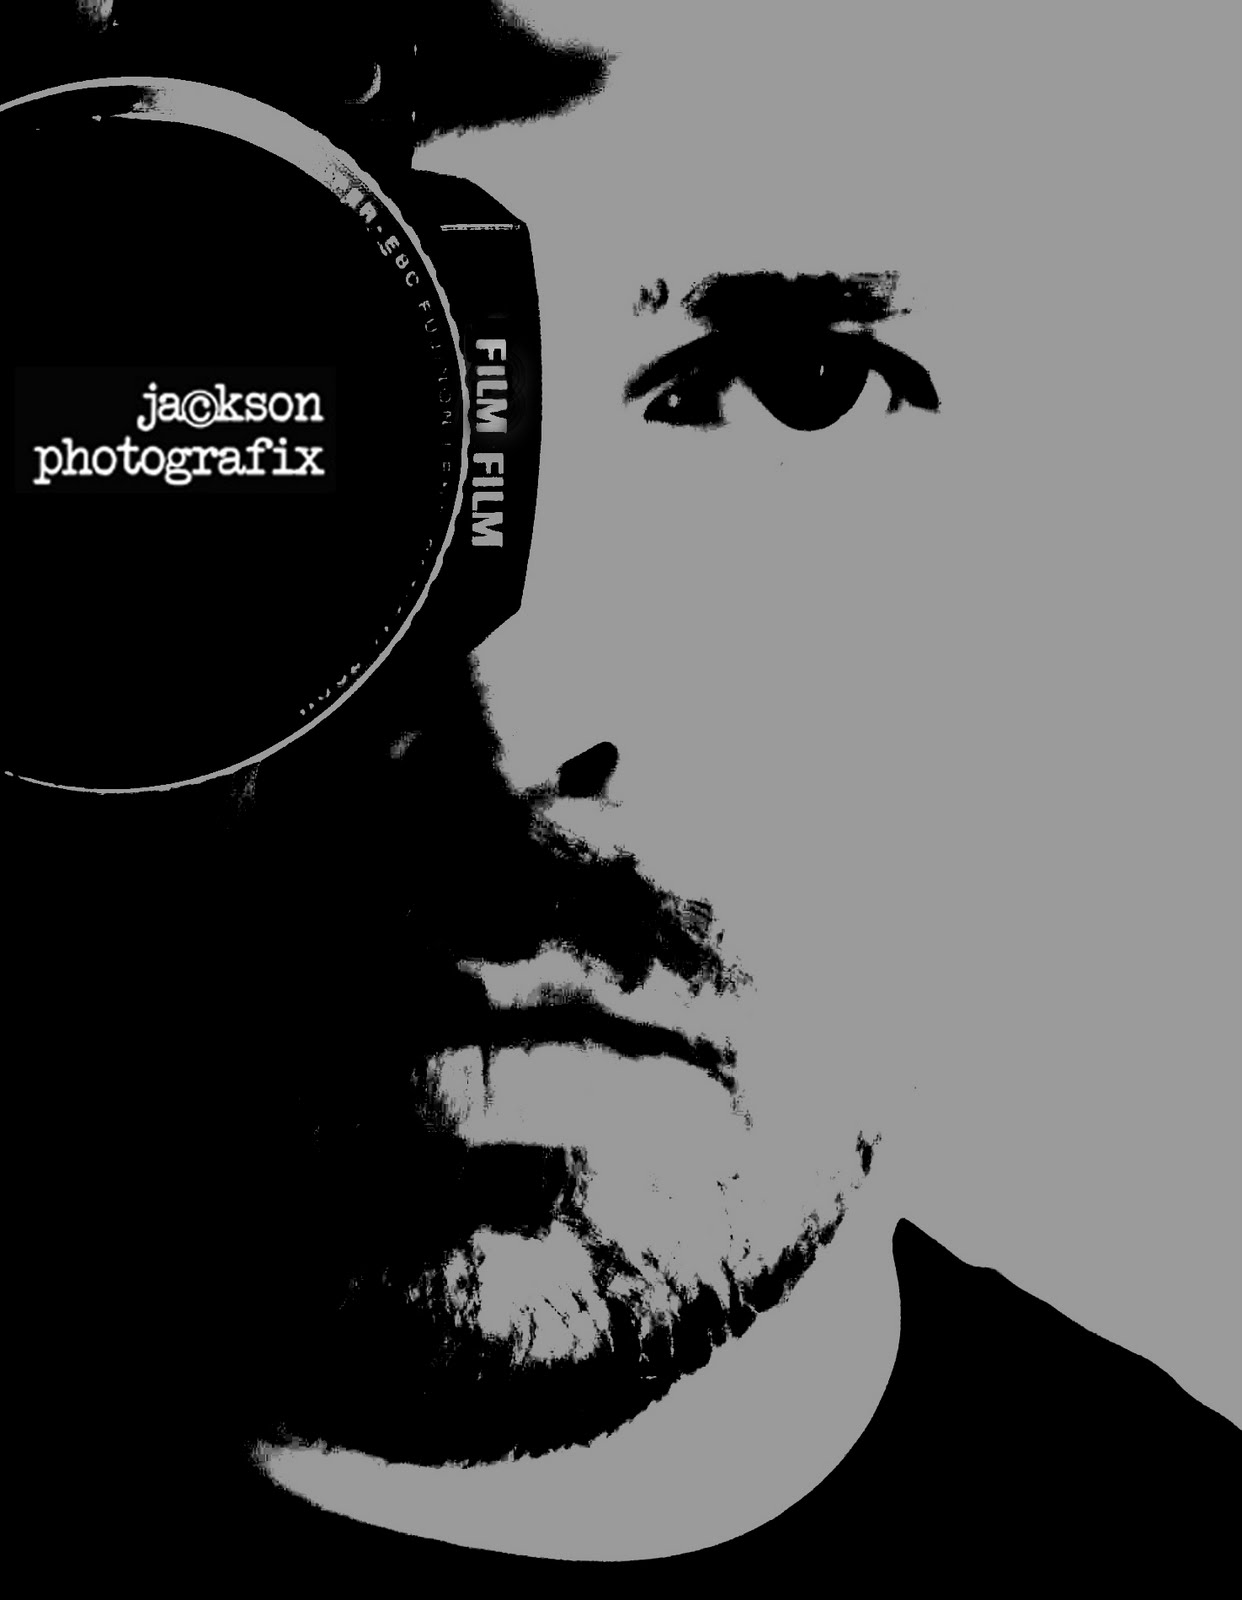 jackson photografix